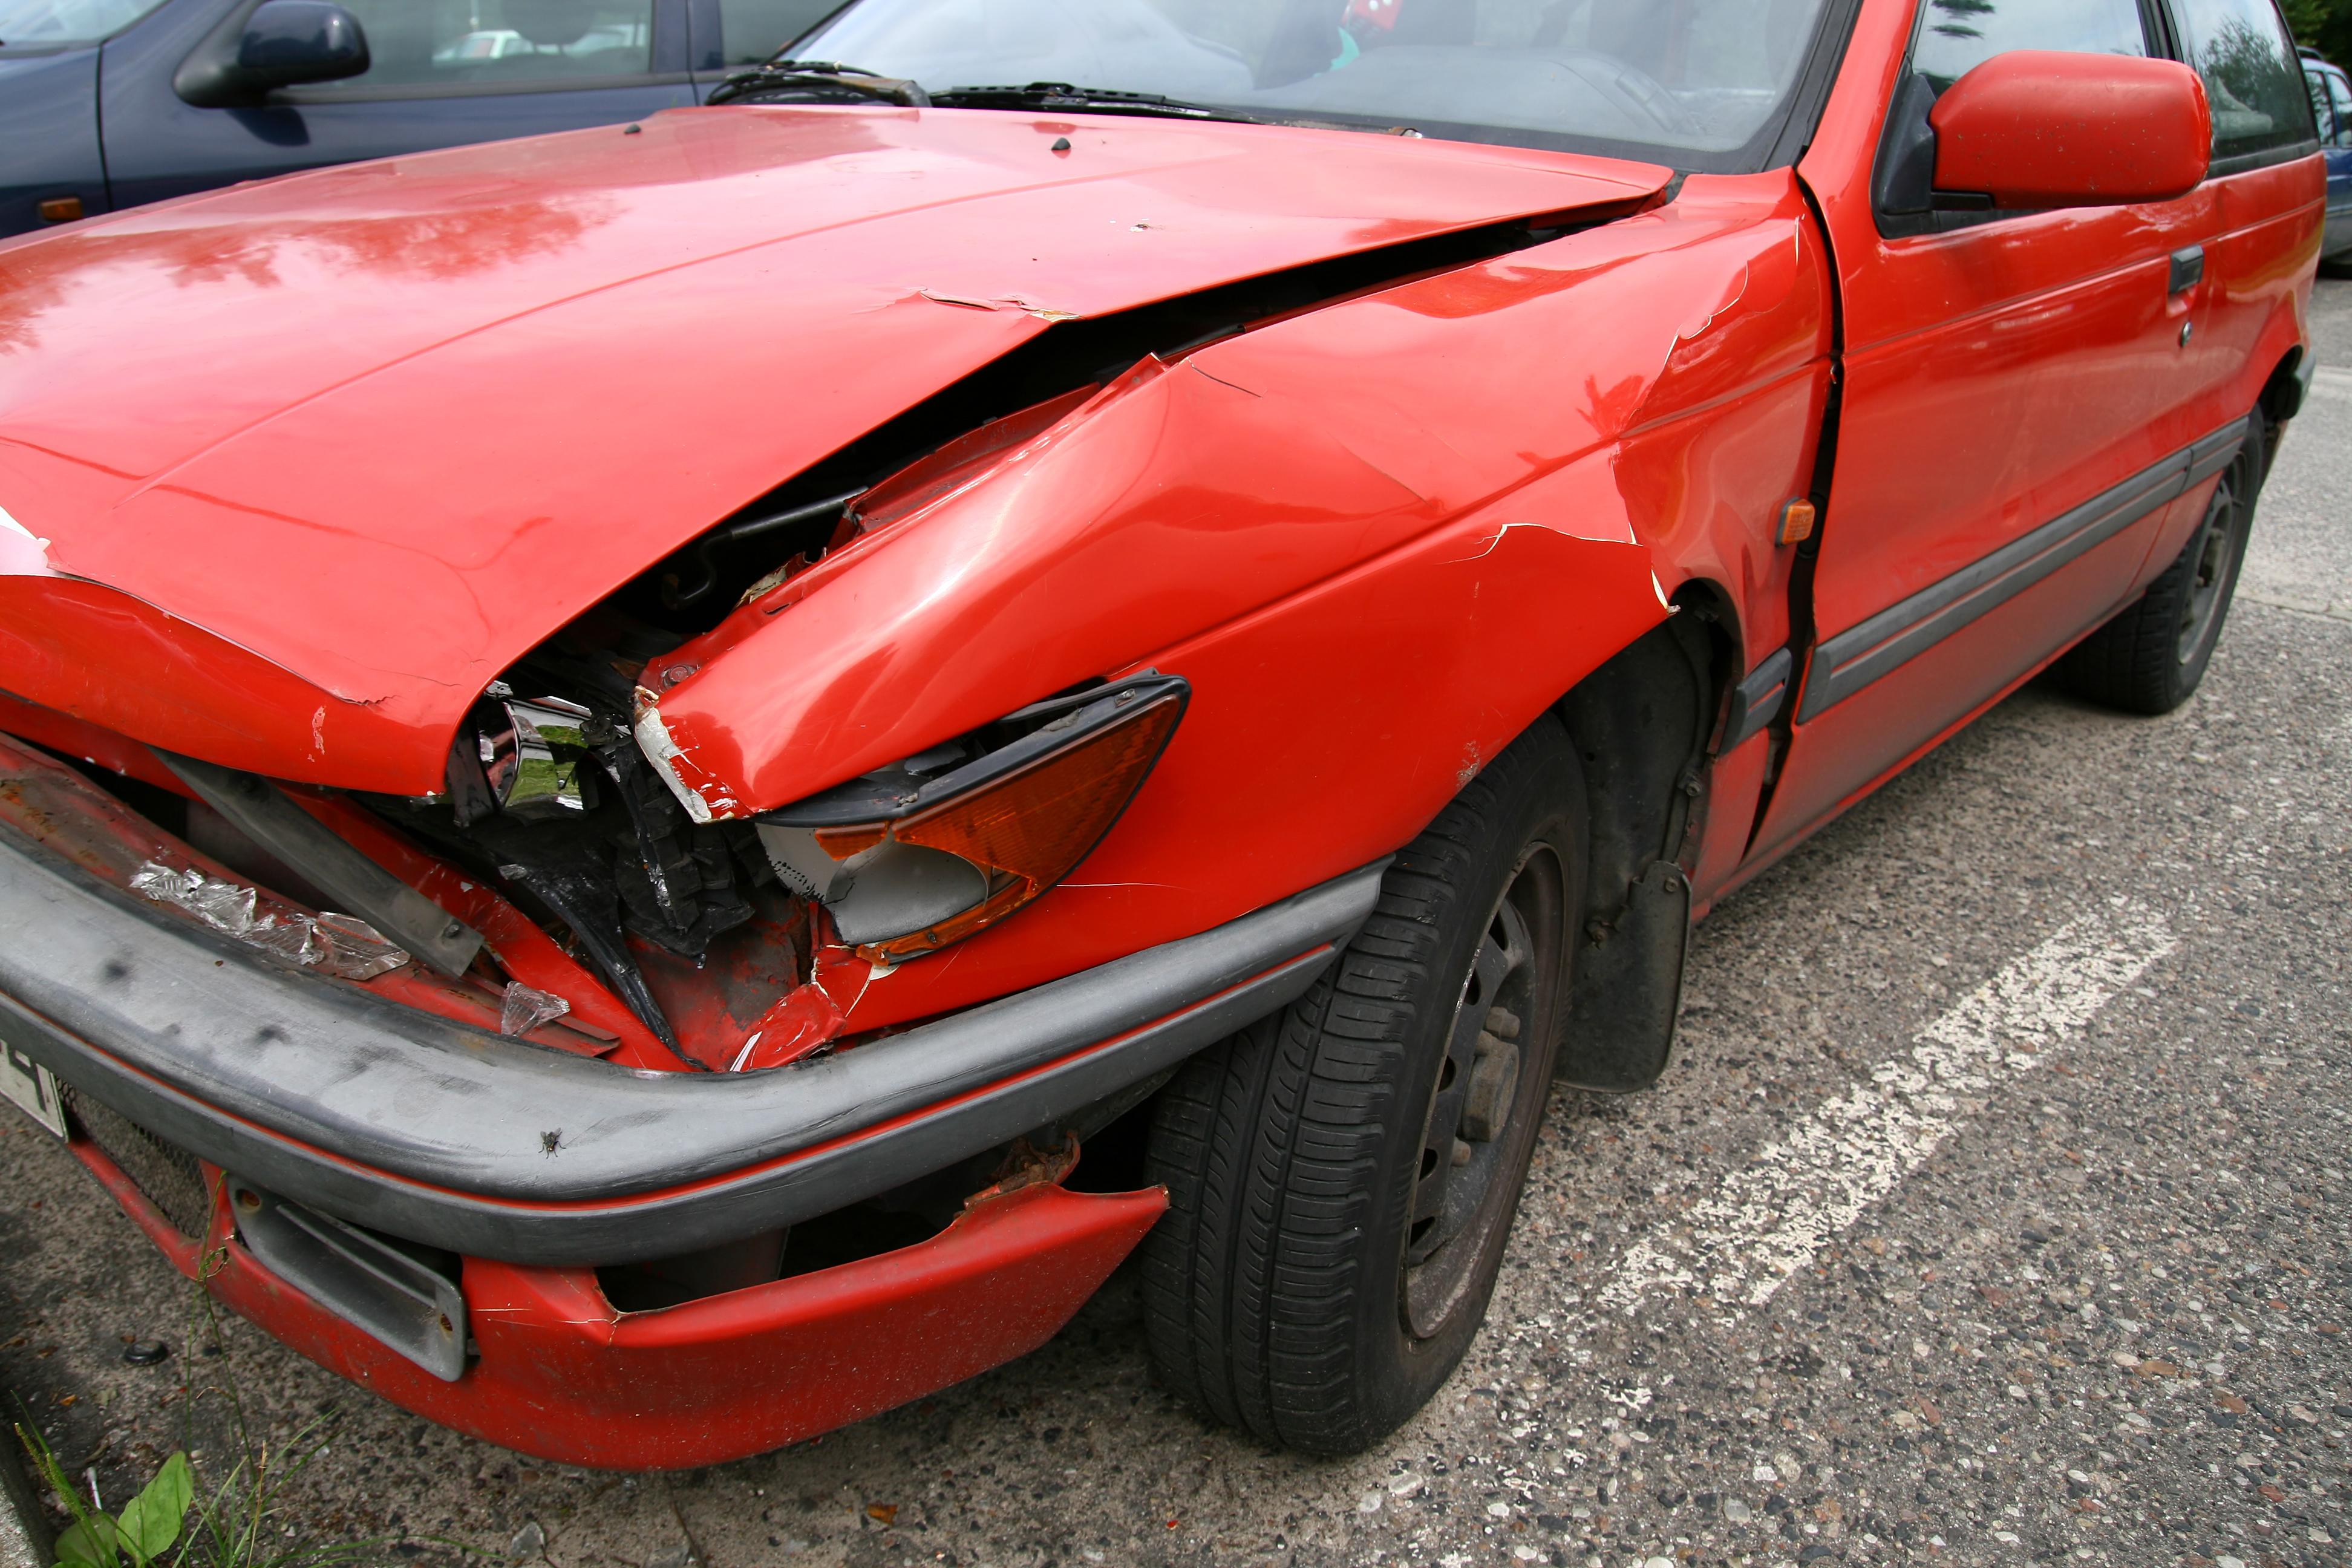 Non Disclosed Damage Rebuilt Vehicles